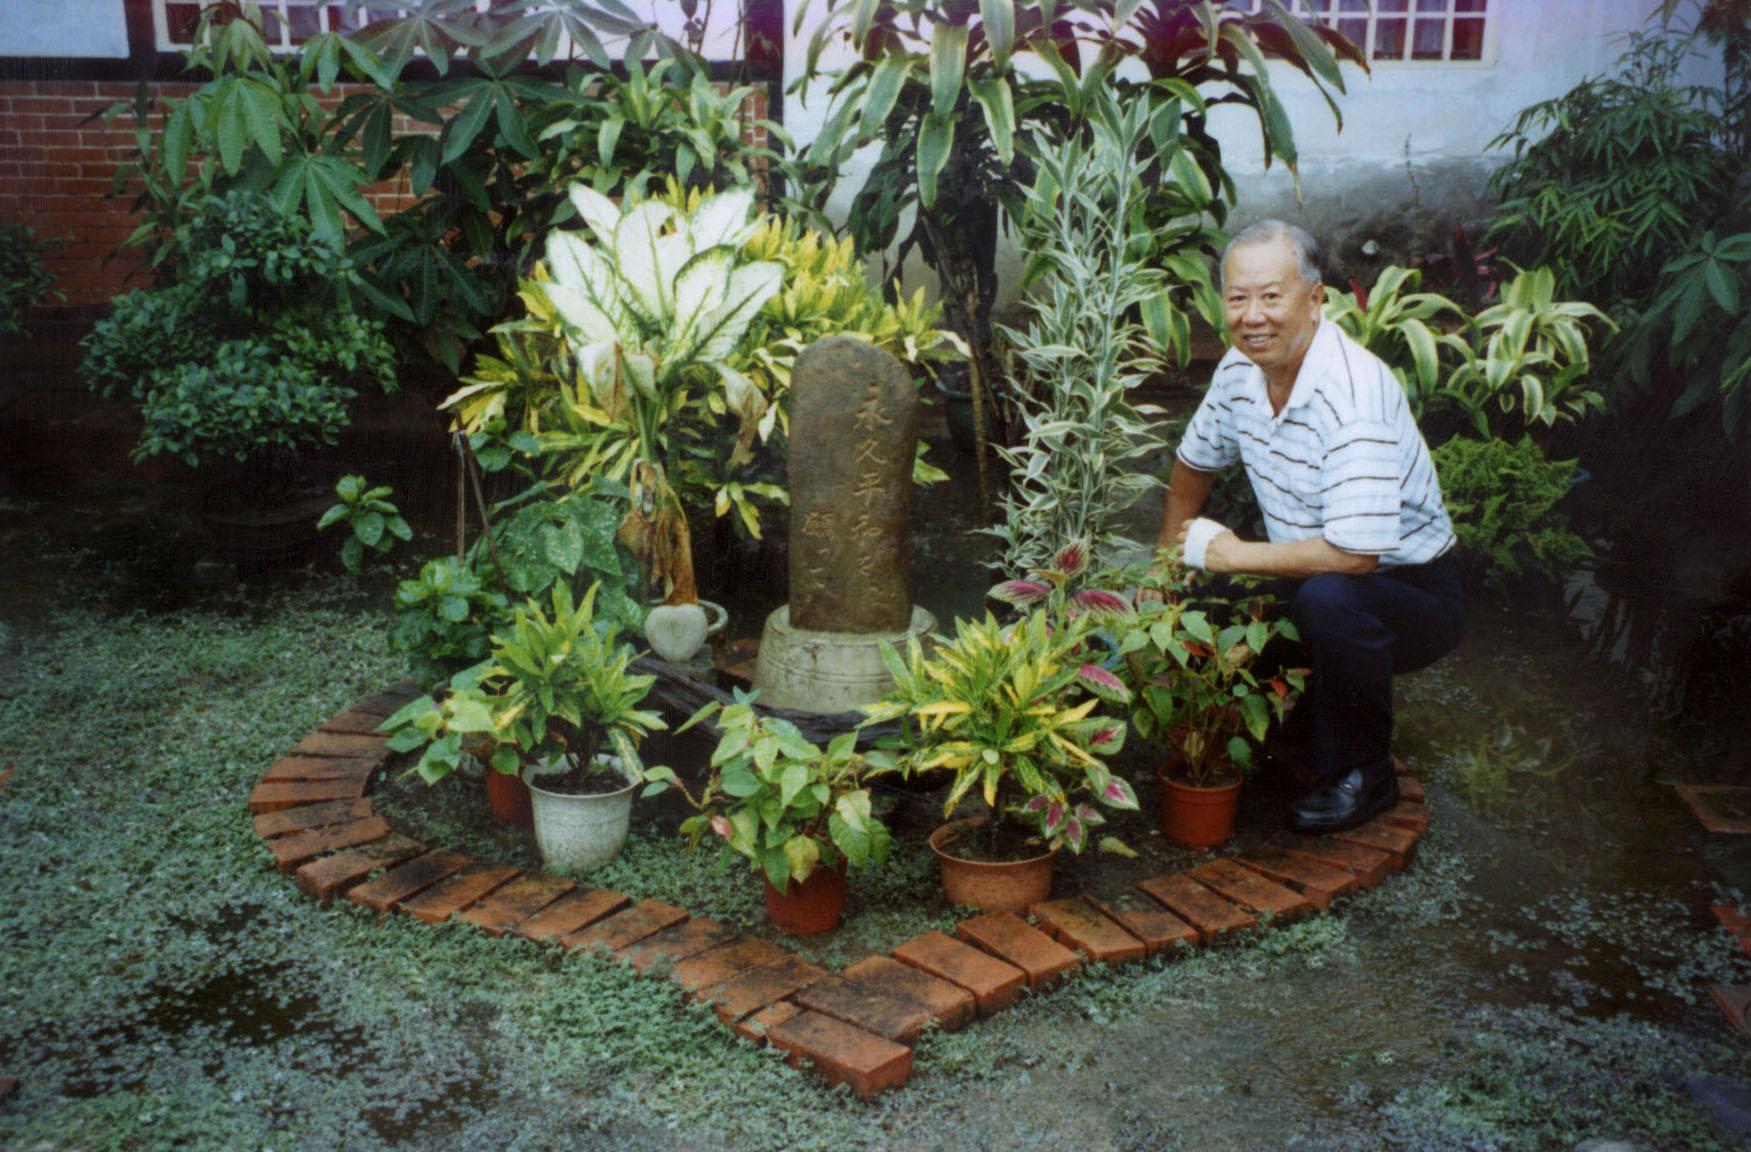 2001 年康豹和學生們到玉井鄉,訪問當時受難家族的後代──江炳煌先生,發現他在花園裡用磚頭排了一個愛心,立了一個石碑用日文刻著「但願有永久的和平」。 圖片來源│康豹提供